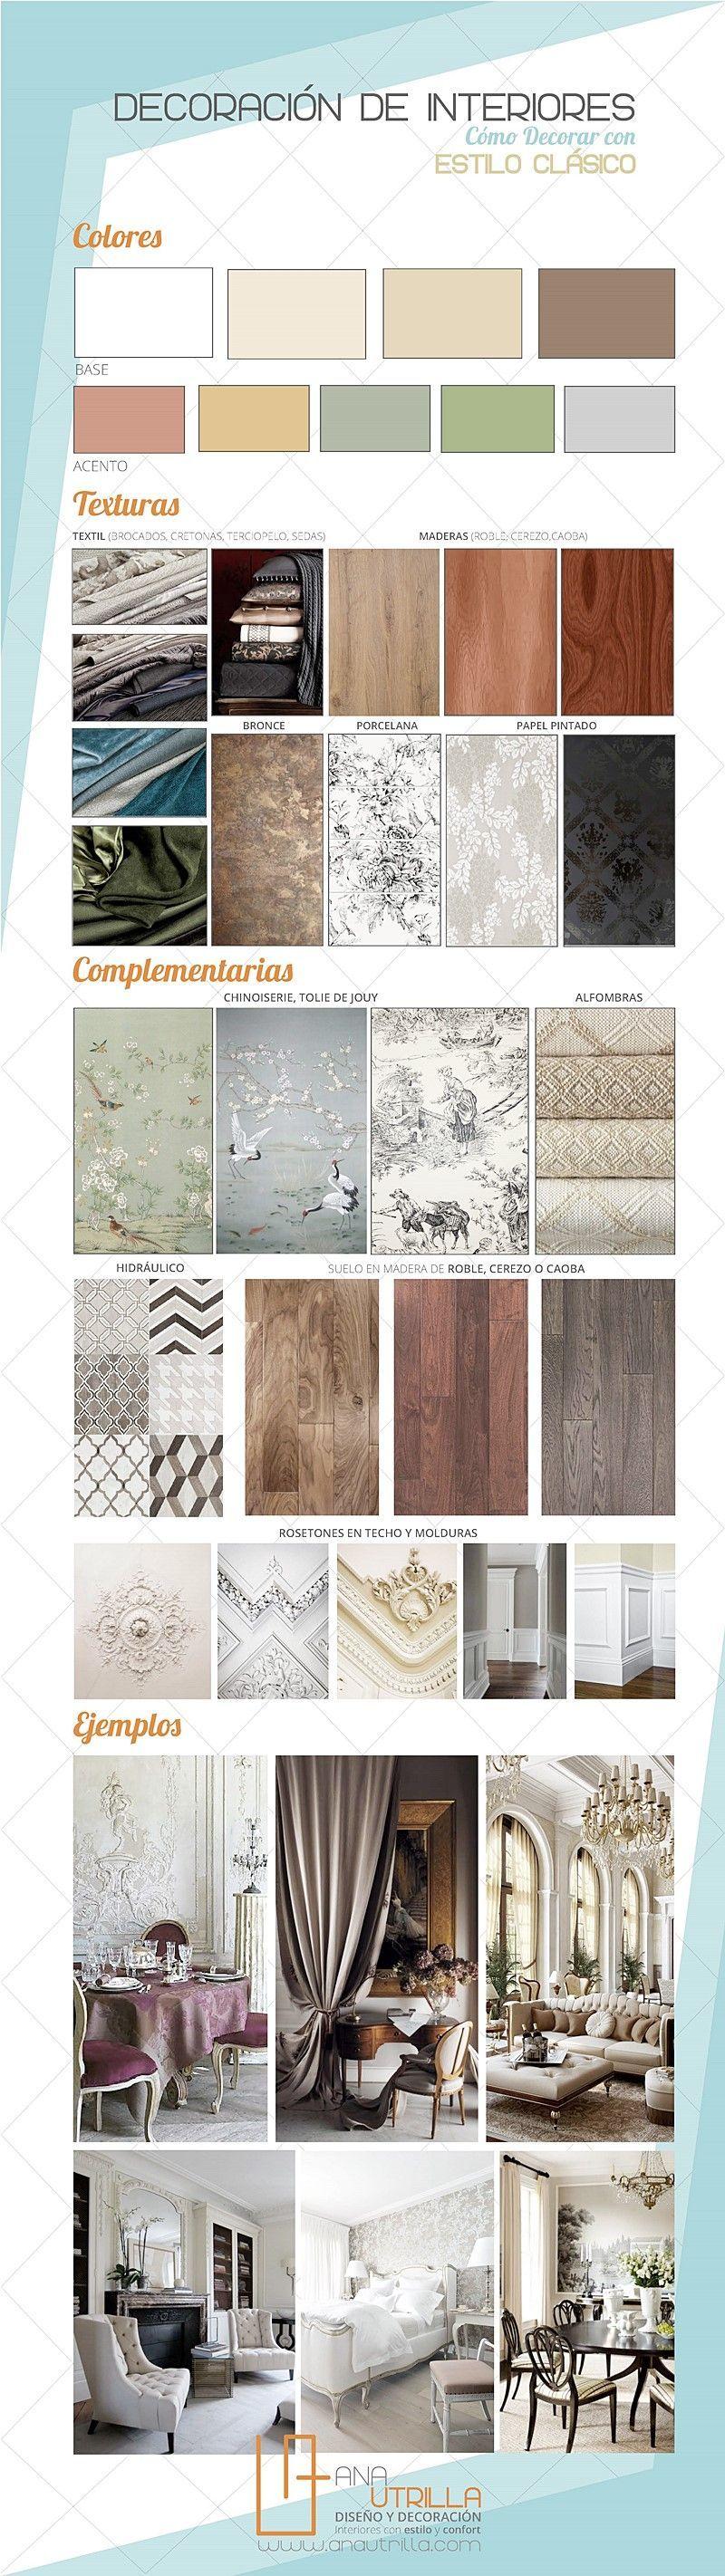 Infografía de cómo decorar interiores con estilo clásico por Ana Utrilla